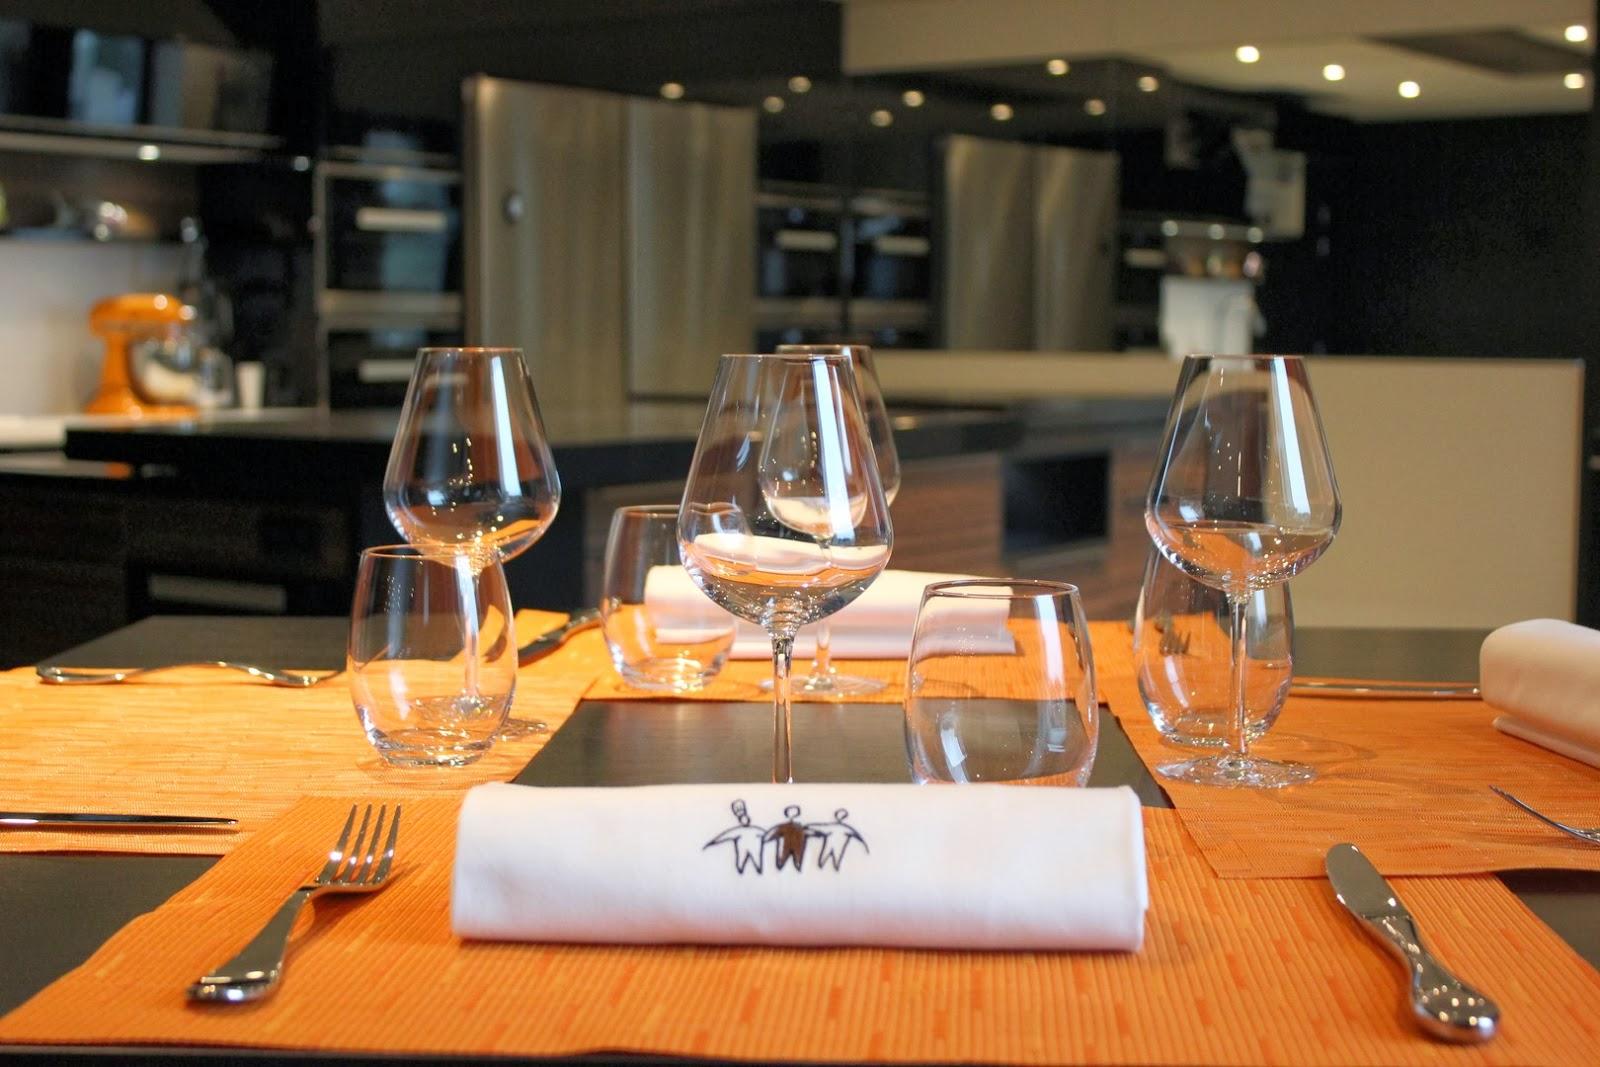 Nouveau lieu d 39 enseignement paul bocuse a lyon luxe dream magazine - Cours de cuisine lyon bocuse ...